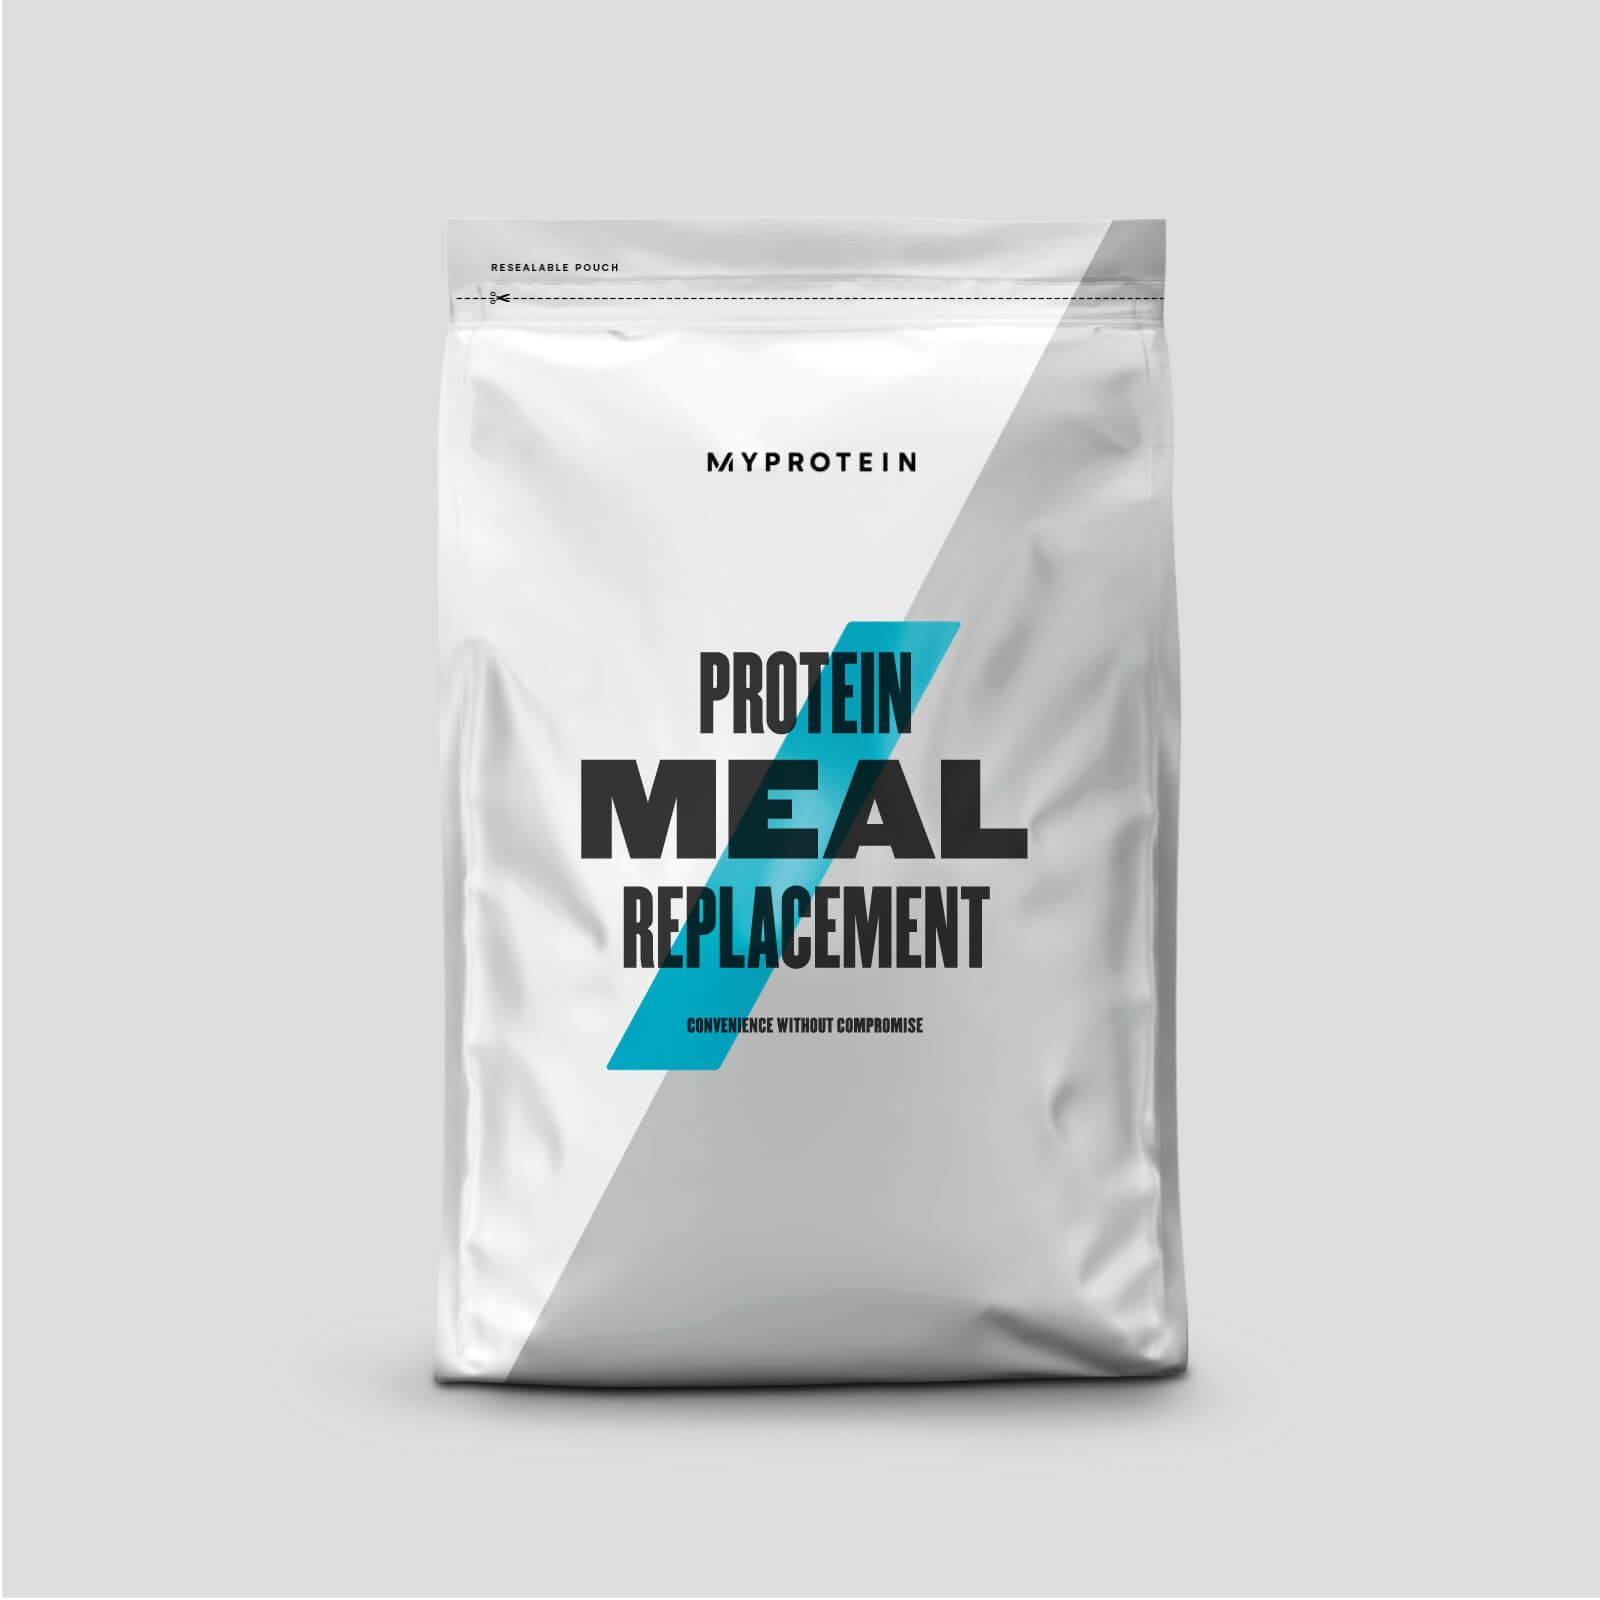 Myprotein Substitut de repas protéiné - 2.5kg - Fraise